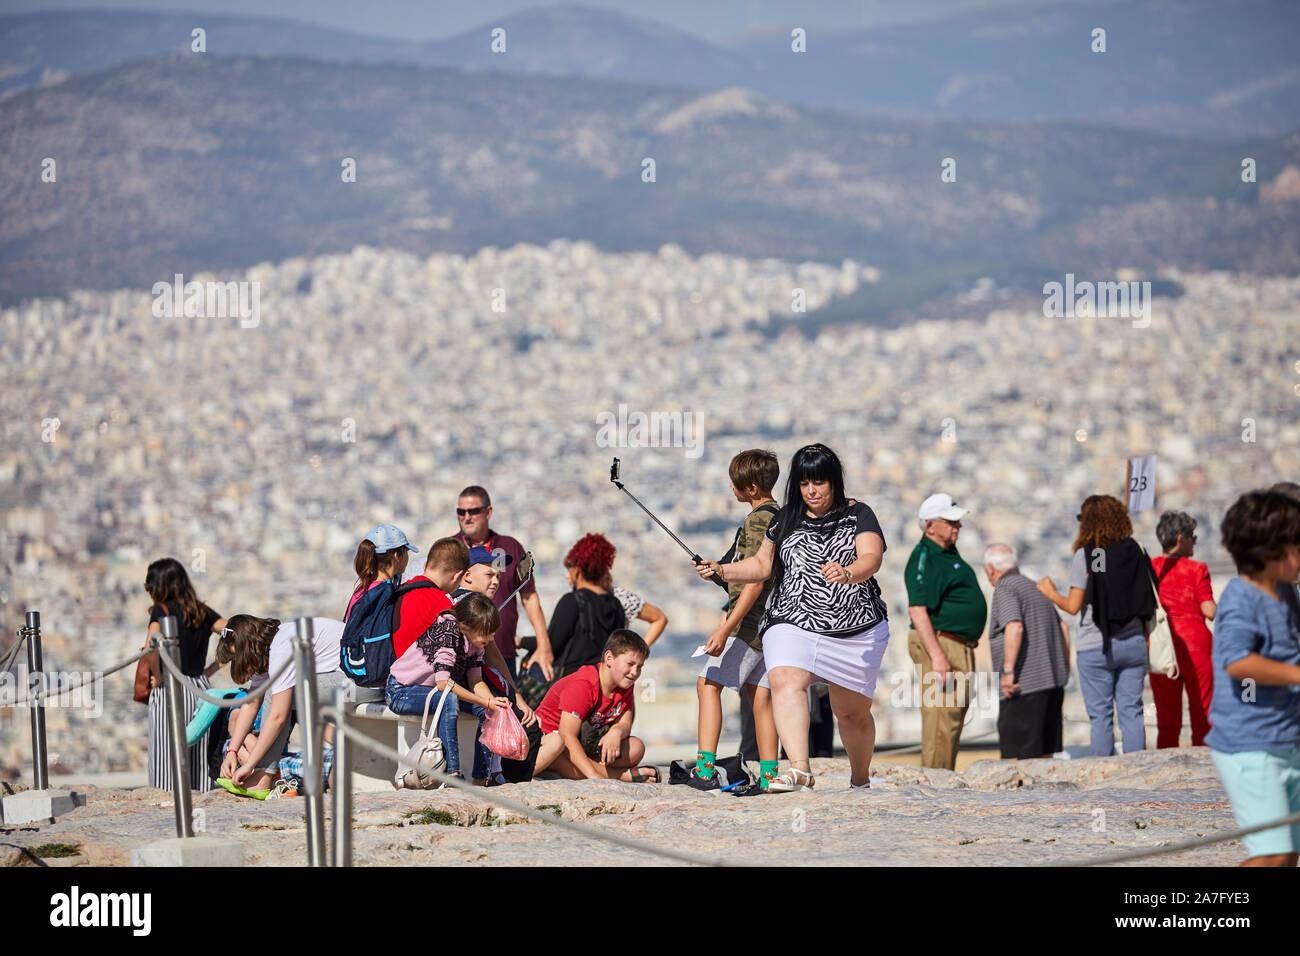 Athènes capitale de la Grèce vue du monument ruines du temple du Parthénon de l'acropole d'Athènes, situé au sommet d'une colline rocheuse, surplombant la ville d'Athènes Banque D'Images